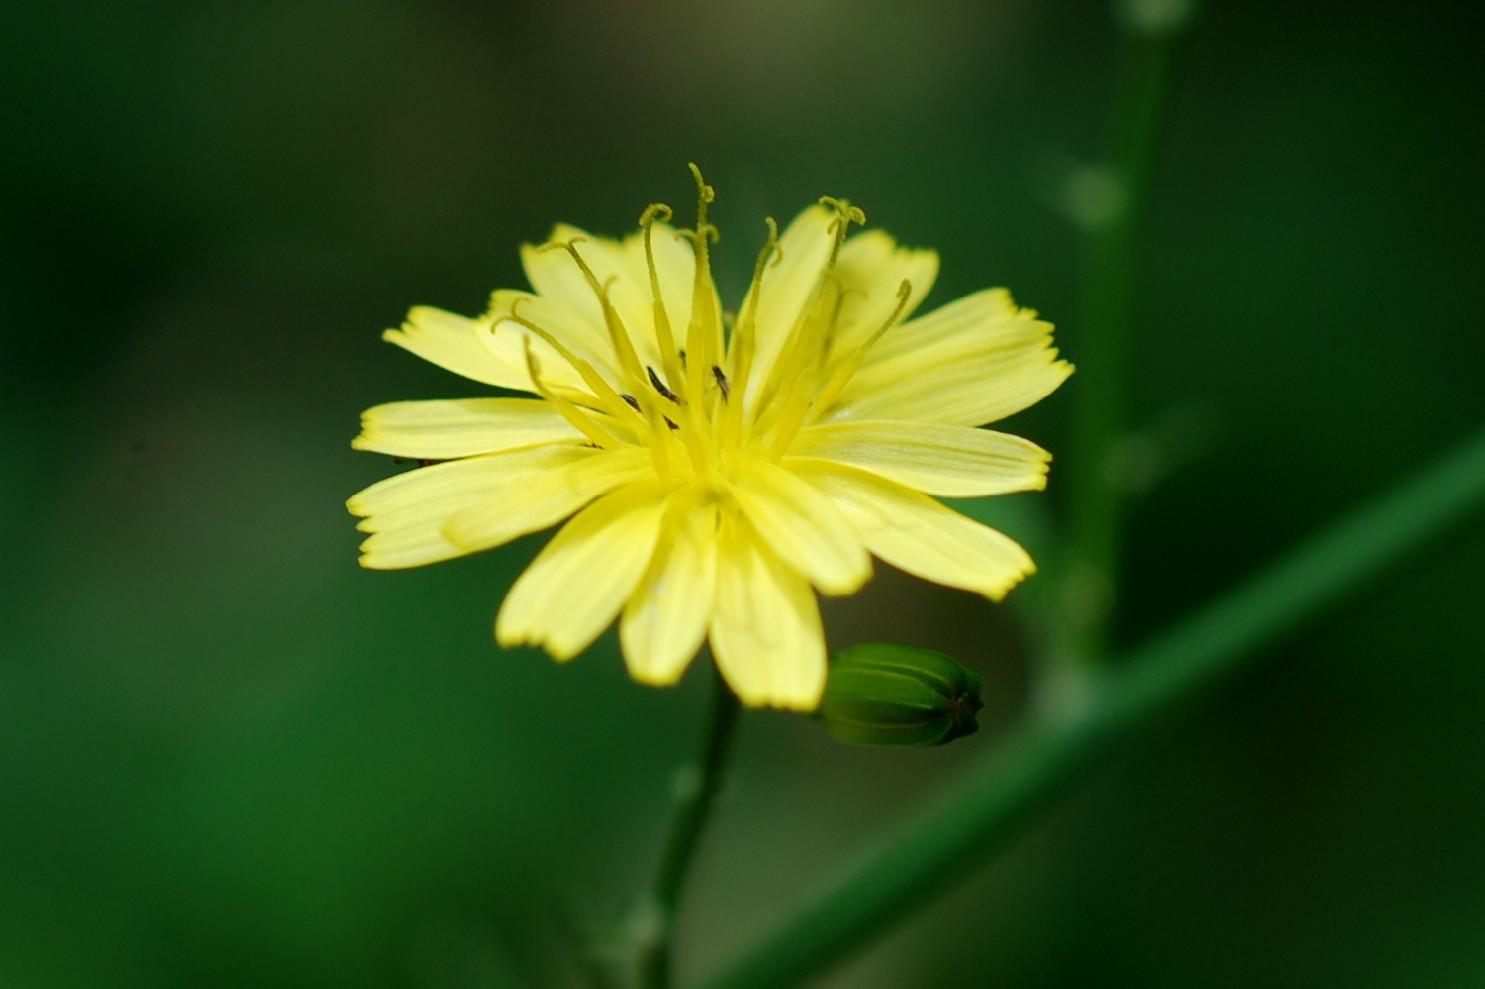 Lapsana communis subsp. communis 25